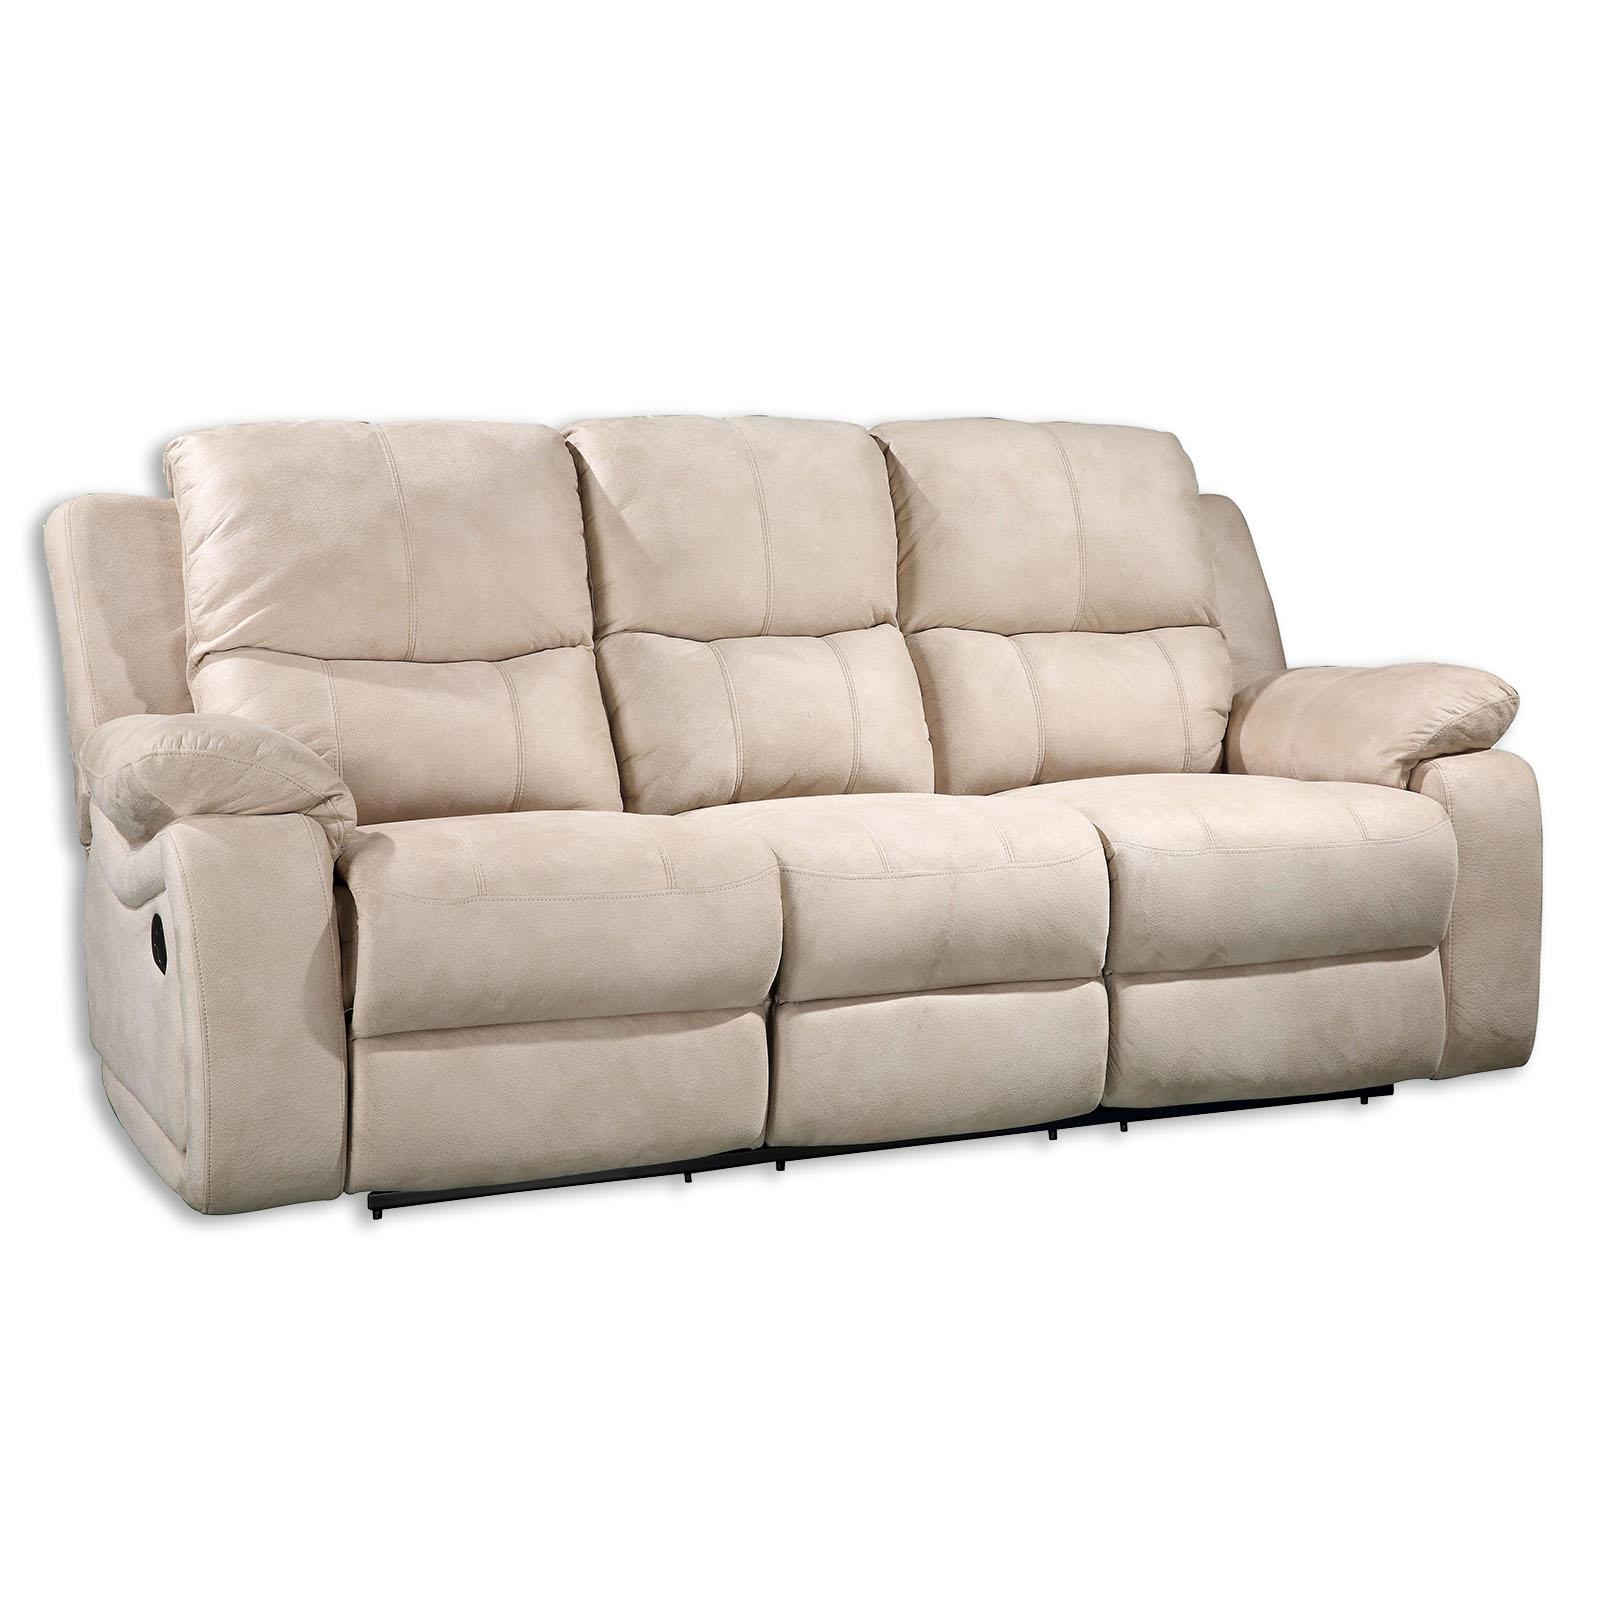 Sofa 3 Sitzer Beige Mit Relaxfunktion 207 Cm Breit Online